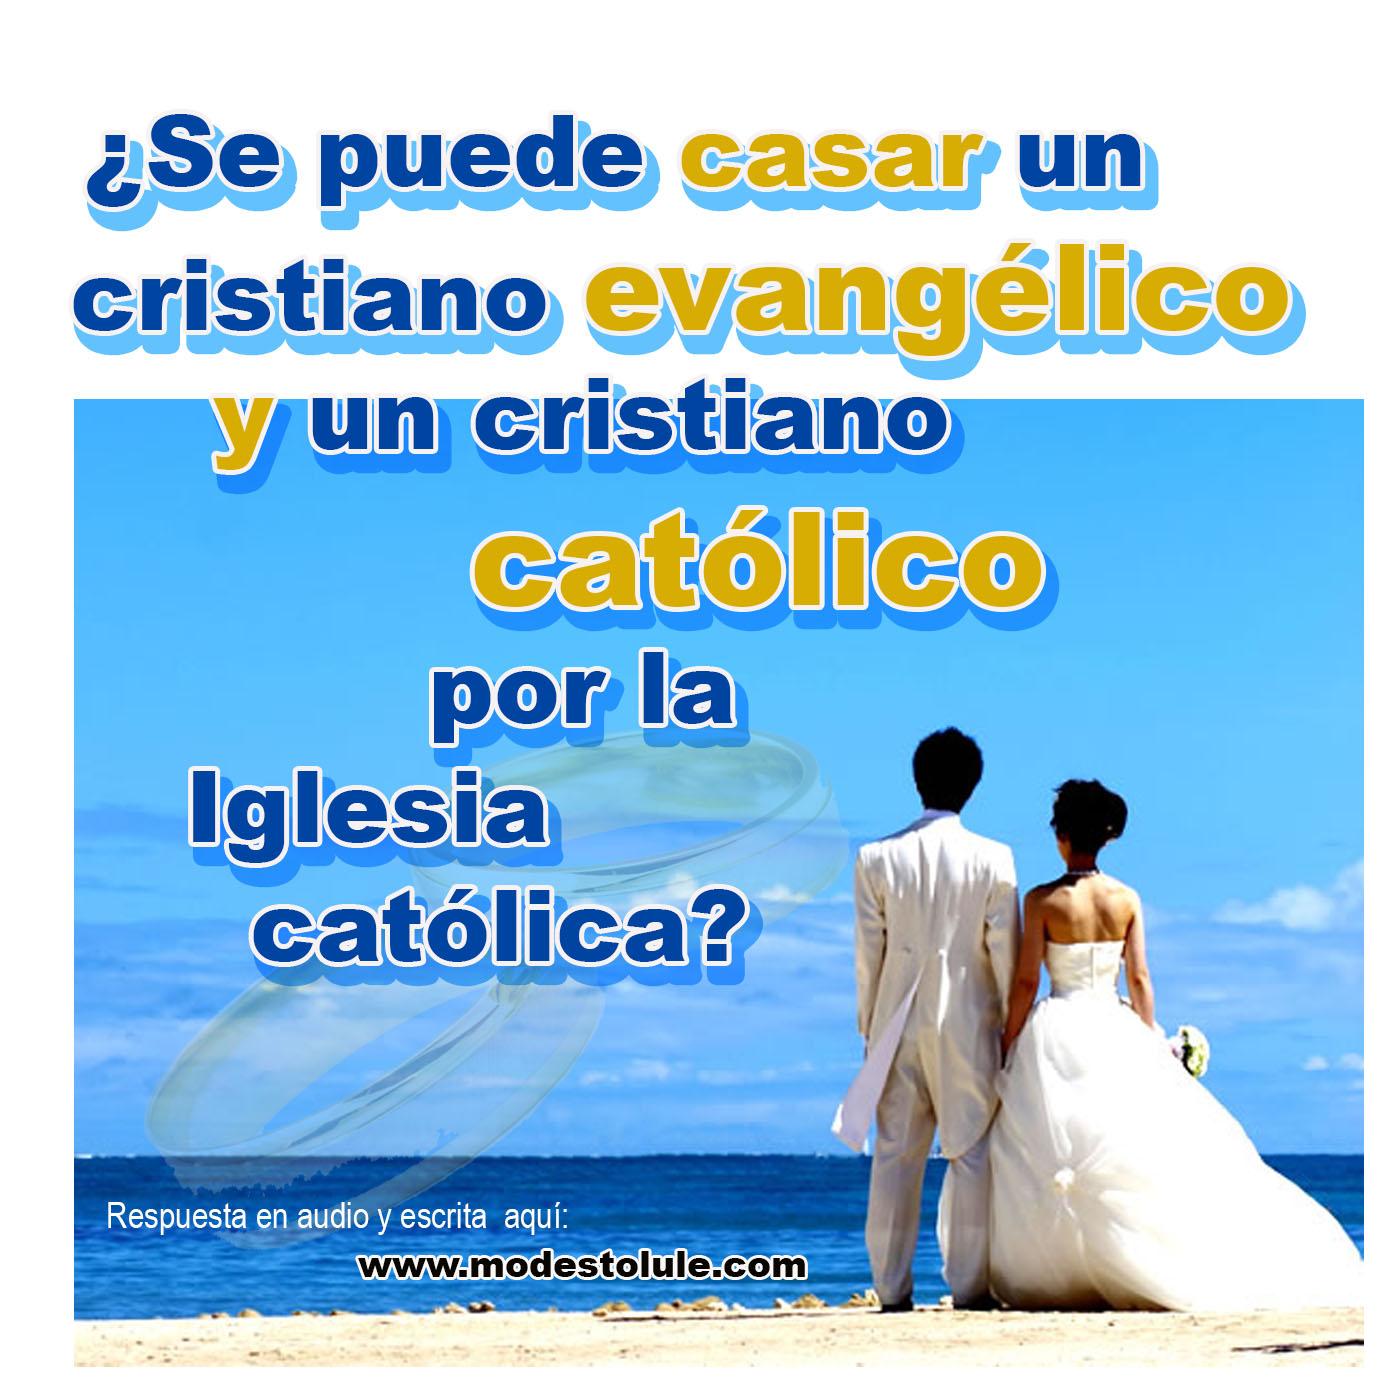 Matrimonio Entre Catolico Y Judio : Matrimonio catÓlico ley canÓnica